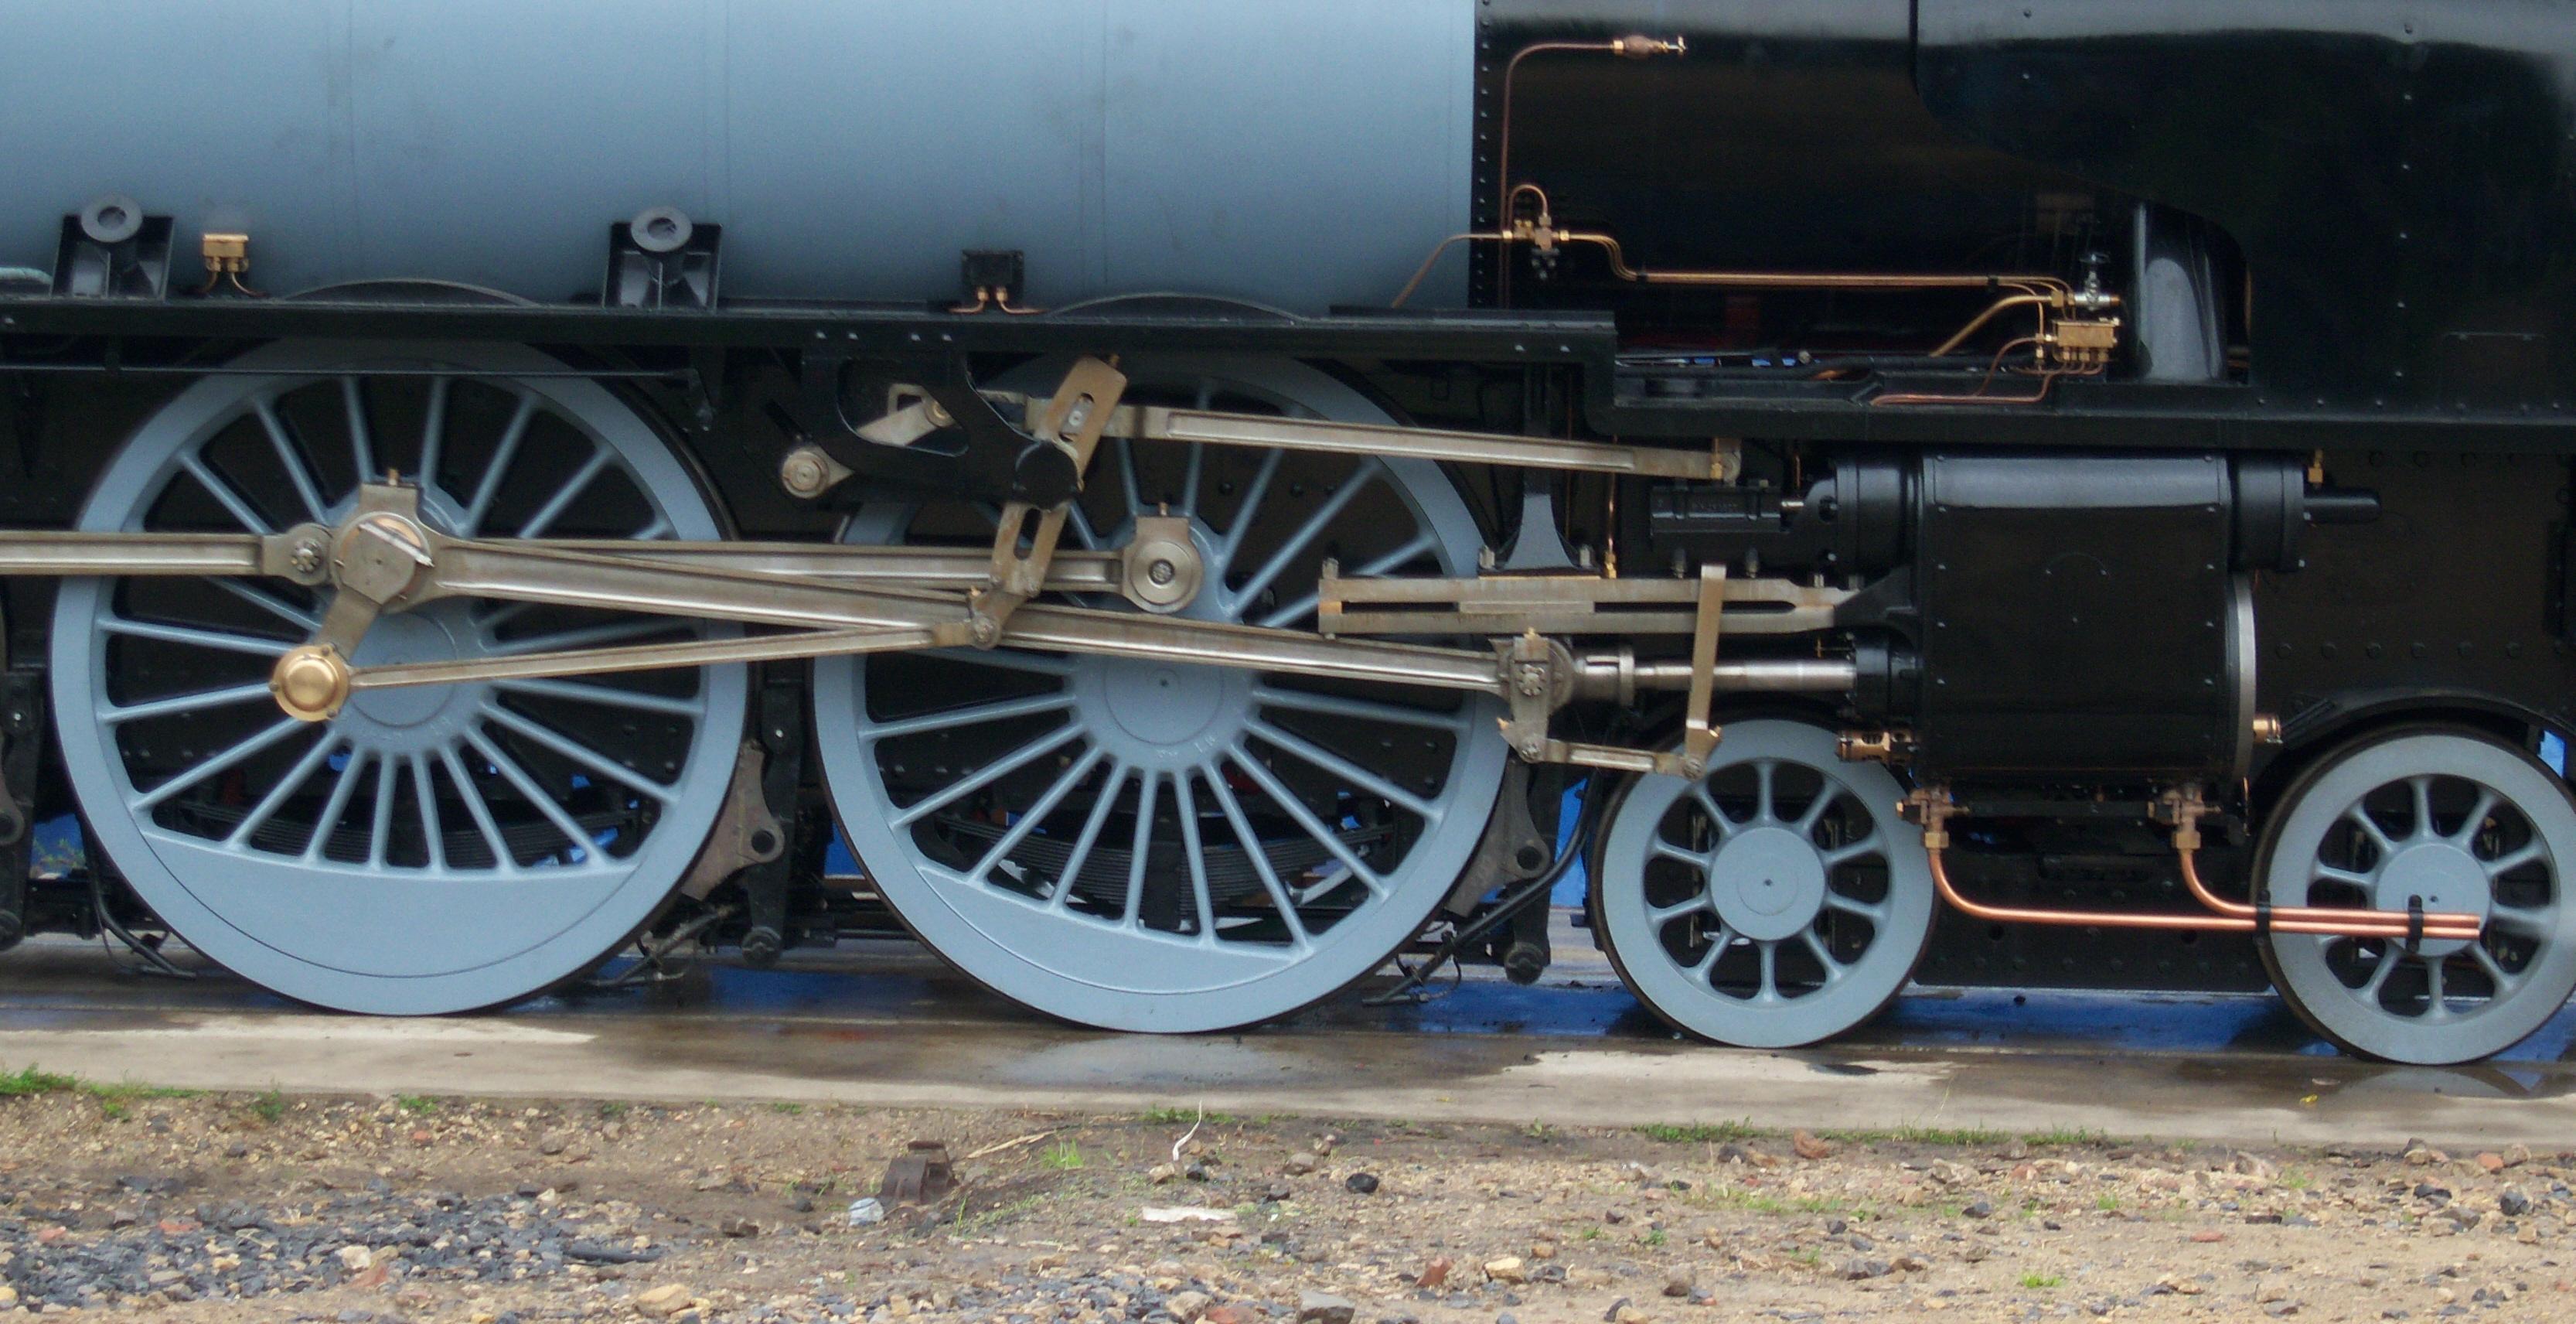 Walschaerts valve gear - Wikipedia